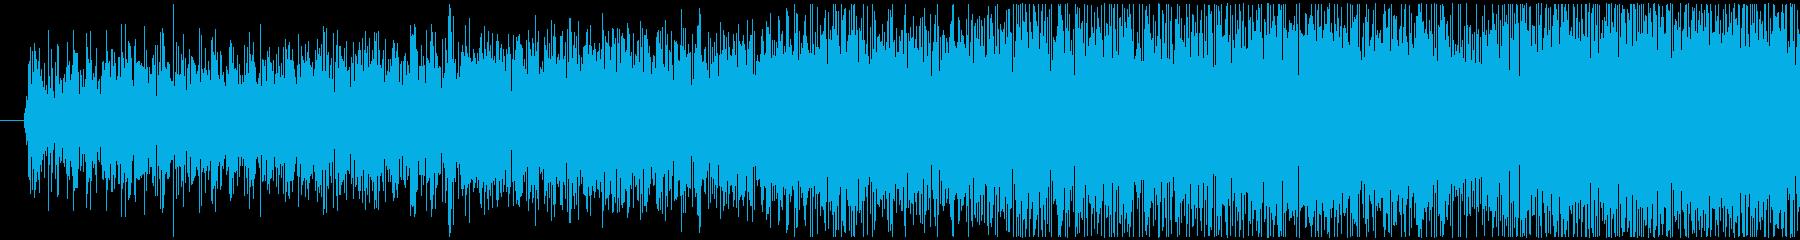 【広がるイメージ場面転換/パー/ファー】の再生済みの波形